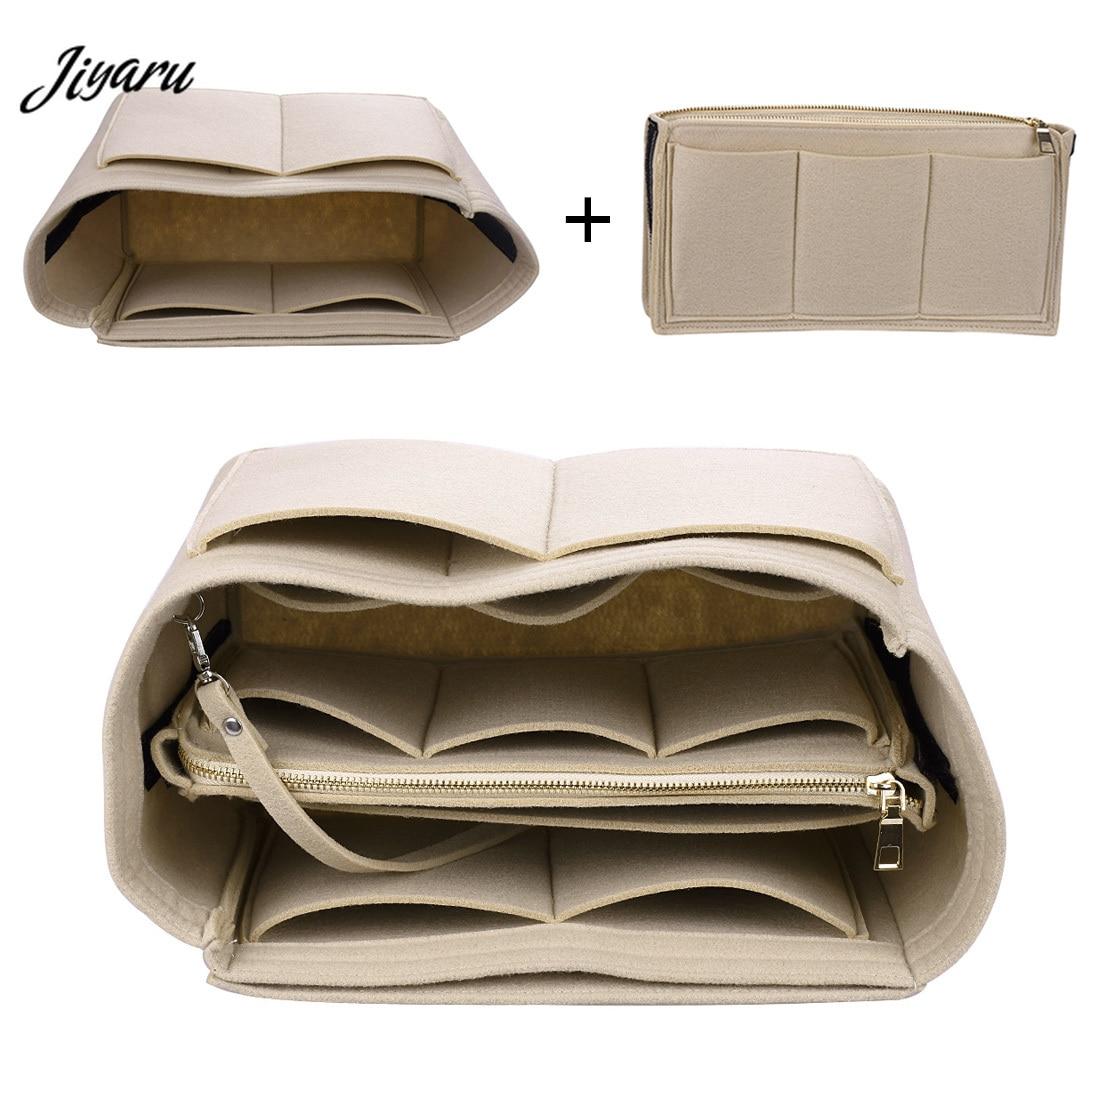 Brand Make up Organizer Felt Insert Bag For Handbag Travel Inner Purse Portable Cosmetic Bag organizer Suitable For Neverfull